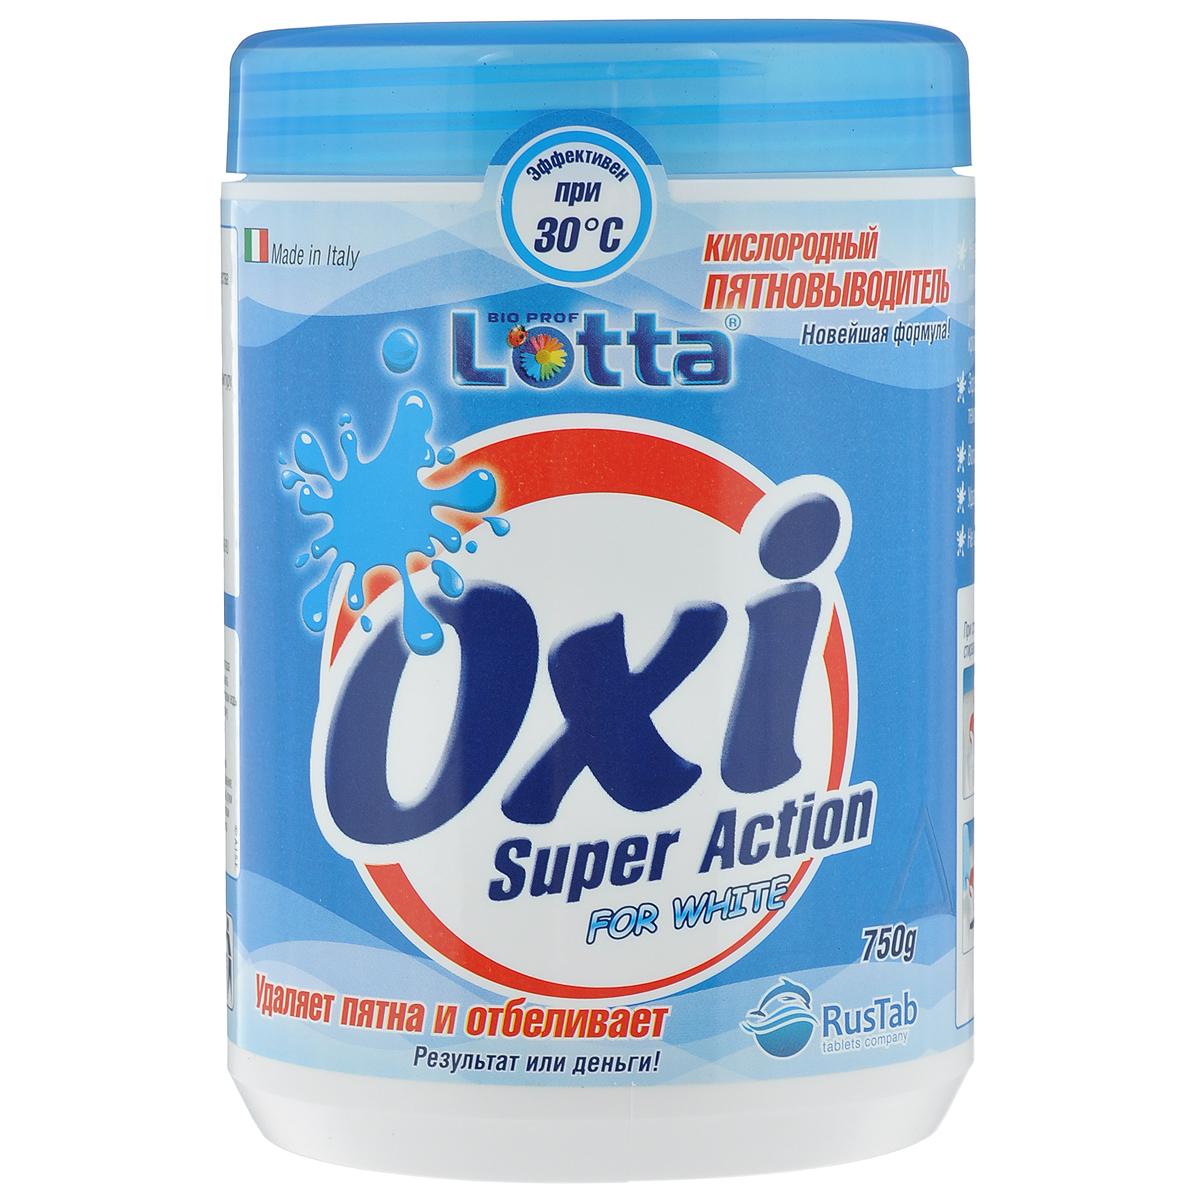 Пятновыводитель для белого белья Lotta Oxi, кислородный, 750 г935095Кислородный пятновыводитель Lotta Oxi предназначен для белого белья. Он превосходно удаляет загрязнения даже в холодной воде, благодаря содержанию молекул активного кислорода. Новая формула Super Action удаляет пятна от кофе, чая, жира, вина, уличной грязи, травы, ягод, сока, крови и т.п. Пятновыводитель можно использовать как для ручной стирки, так и для стирки в автоматизированных стиральных машинах. Обладает антибактериальным и дезодорирующим эффектом. Восстанавливает белый цвет ткани. Эффективен даже при низкой температуре. Не содержит хлора. В комплект входит пластиковая мерная ложечка. Не использовать для шерсти, шелка, кожи и тонких тканей. Вес: 750 г. Состав: 40% кислородосодержащий пятновыводитель, неионогенные и анионные ПАВ около 5%, ферменты, энзимы, цеолиты, ароматизатор. Товар сертифицирован.